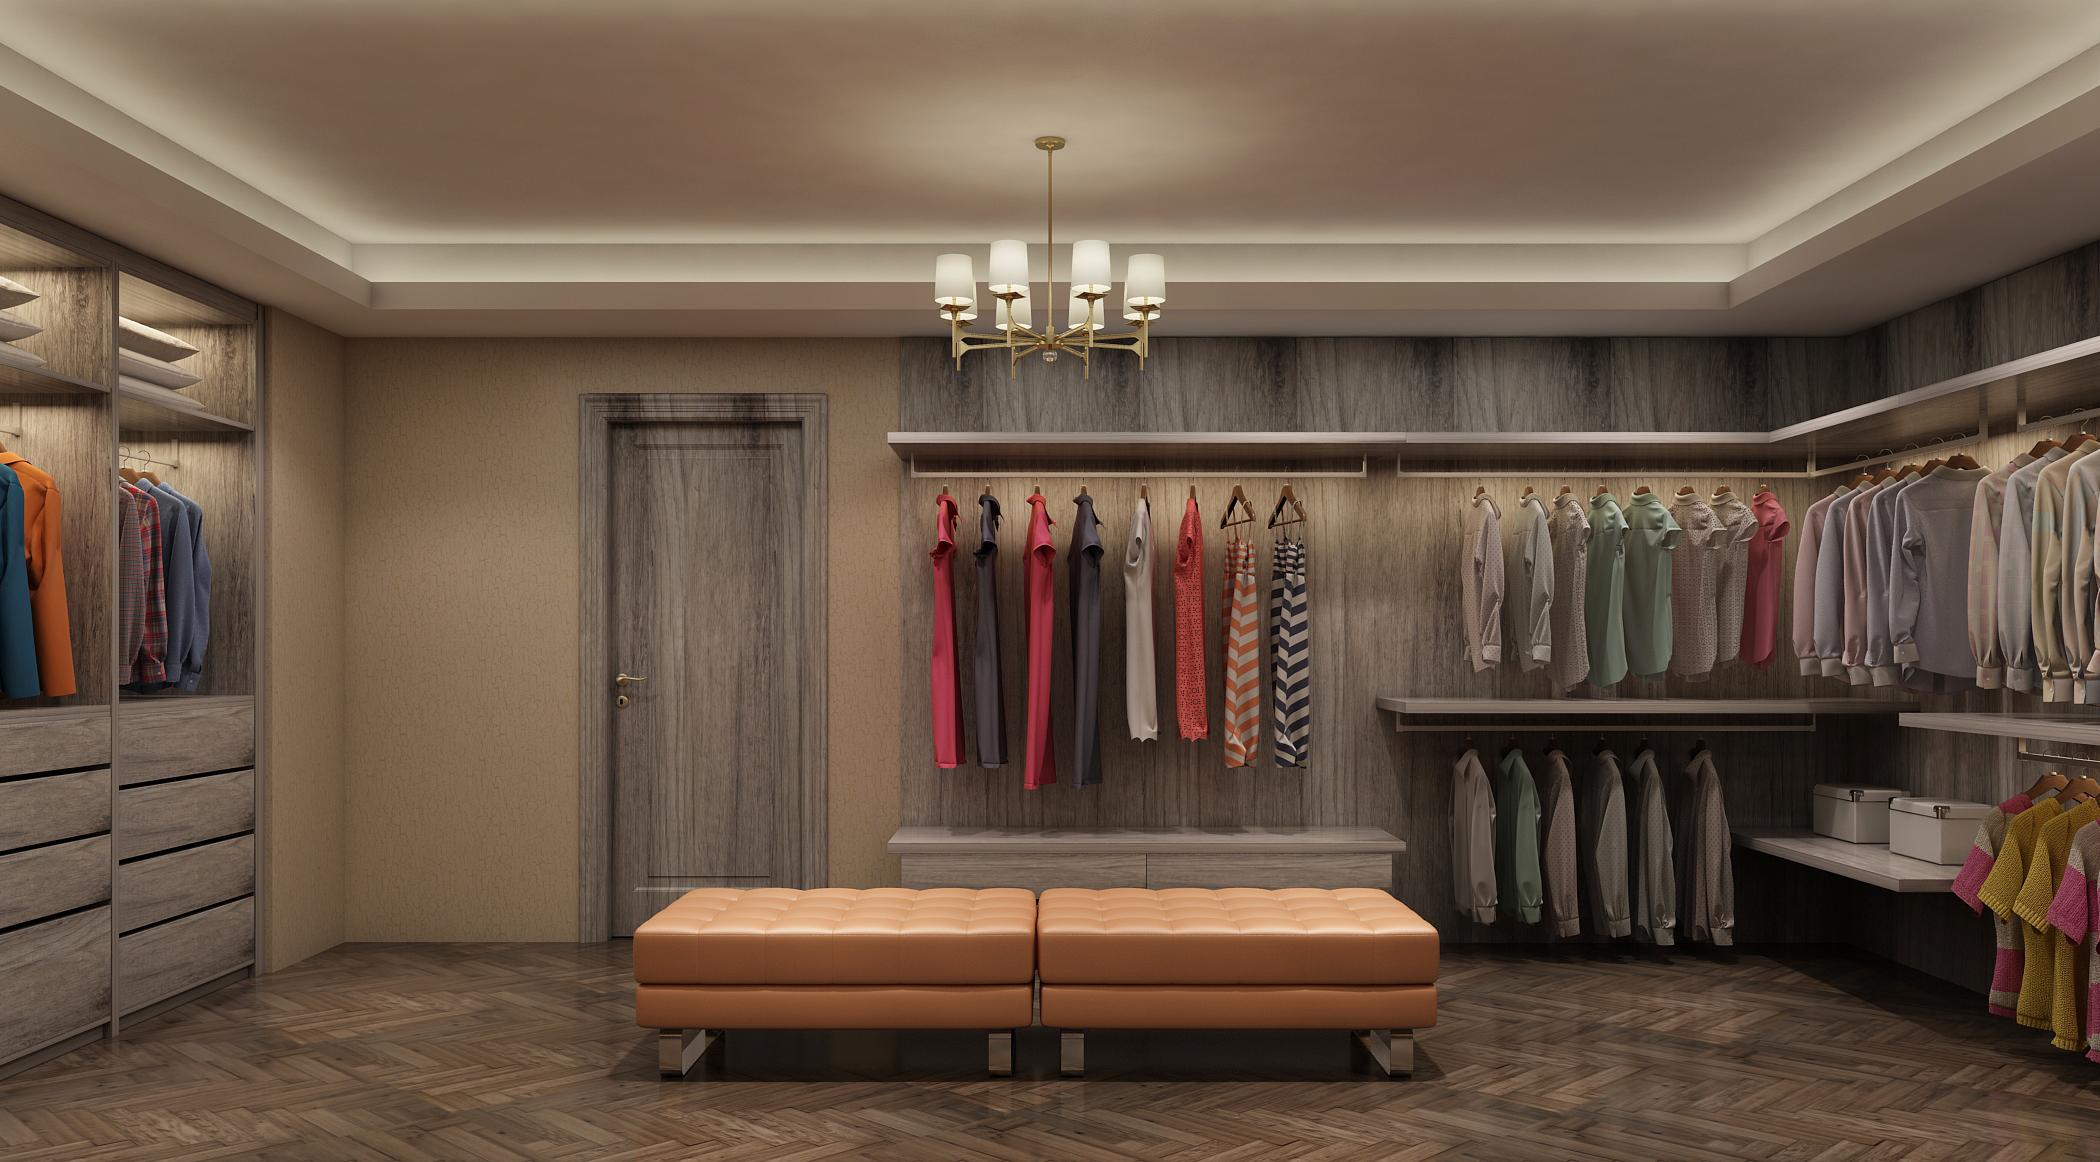 广州衣柜定制加盟:选择衣柜的小建议!